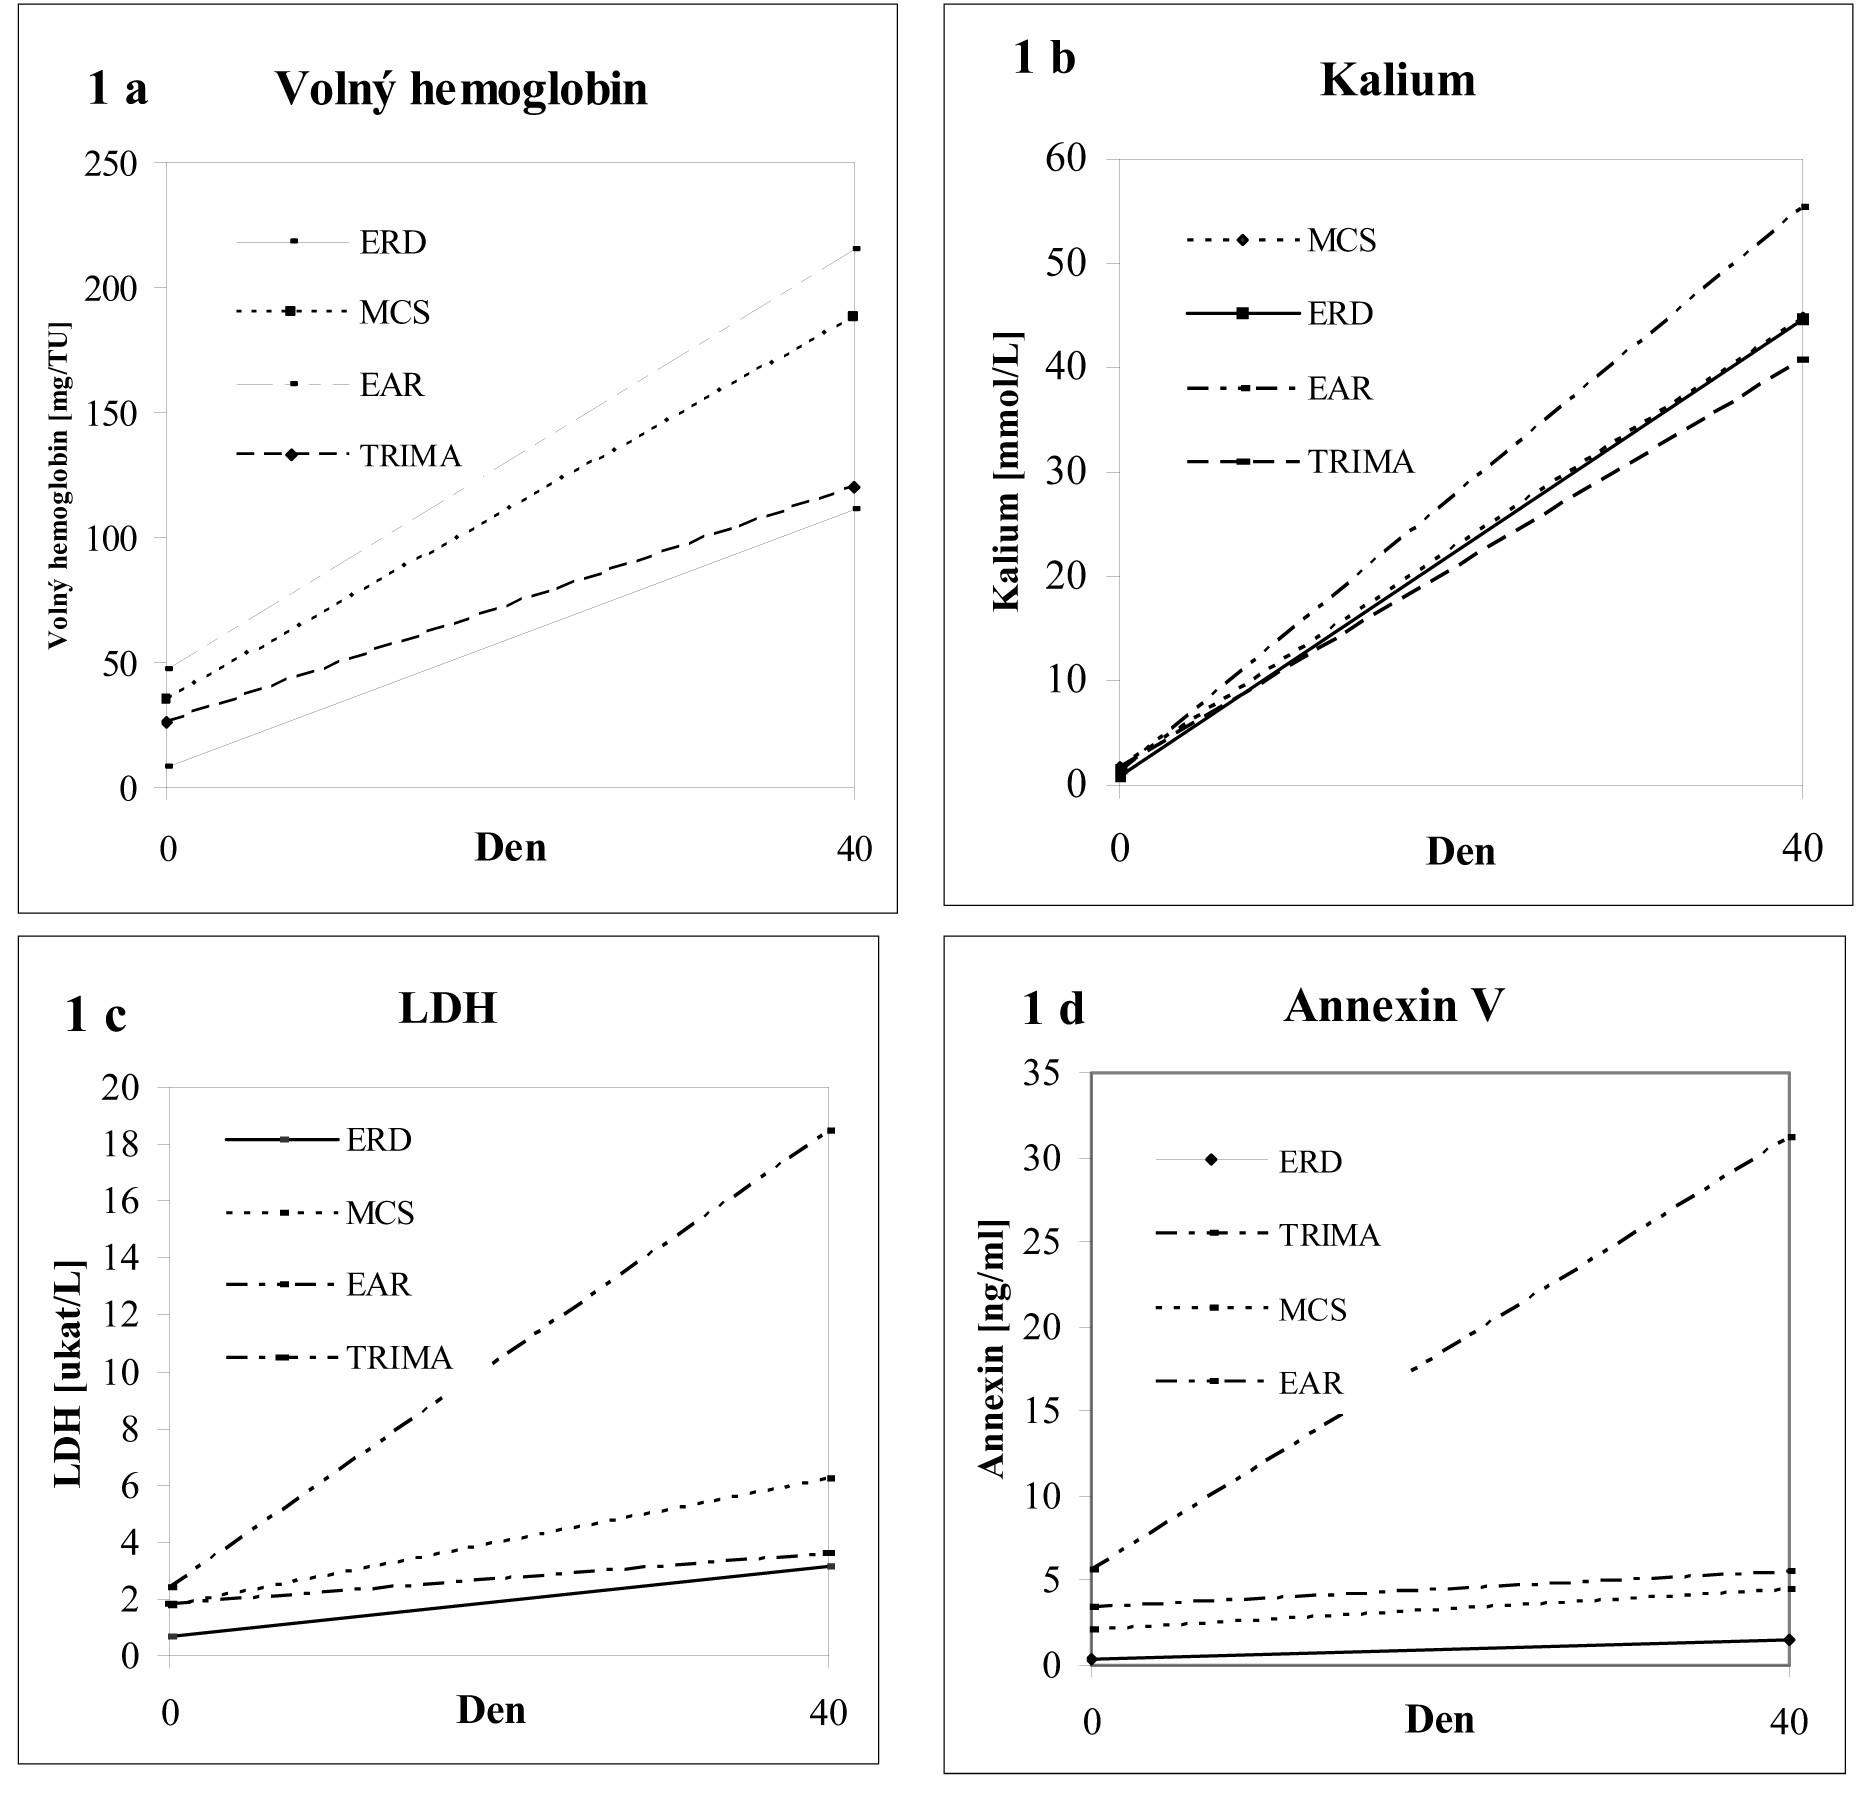 Vývoj poškození erytrocytů během skladování. 1a: Volný hemoglobin; 1b: Kalium; 1c: LDH; 1d: Annexin V Legenda: MCS: erytrocyty deleukotizované ze separátoru MCS, Trima: erytrocyty deleukotizované ze separátoru Trima, EAR: erytrocyty resuspendované ze separátoru MCS, ERD: erytrocyty deleukotizované z plné krve.